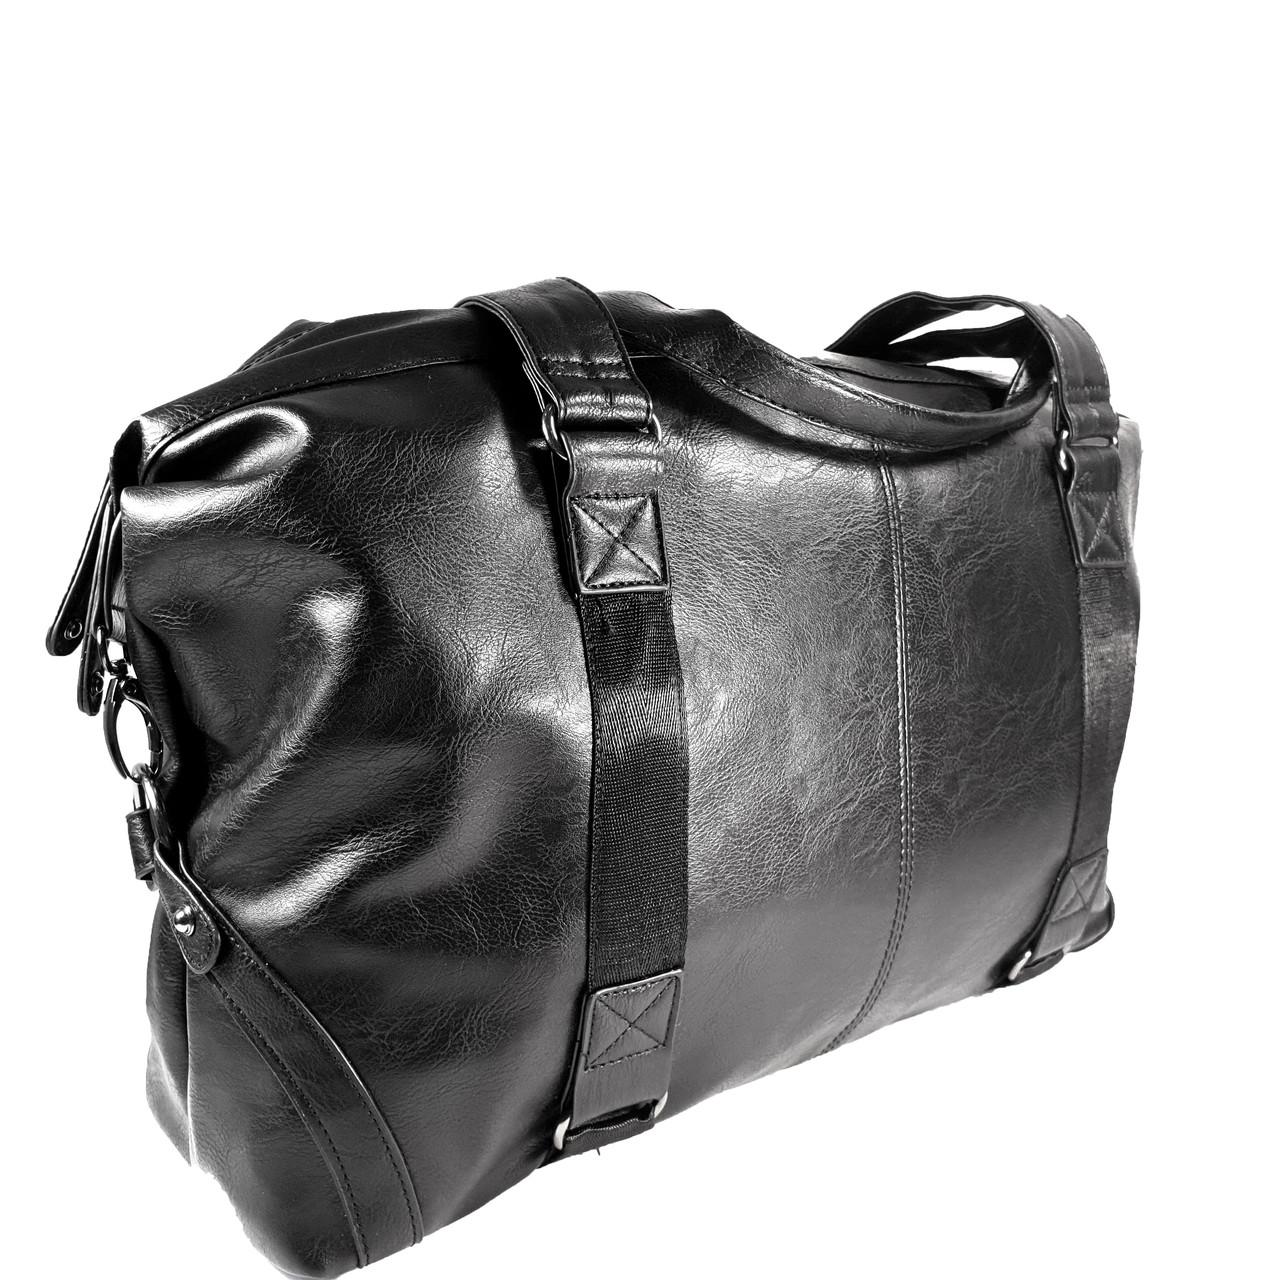 Дорожная сумка из экокожы